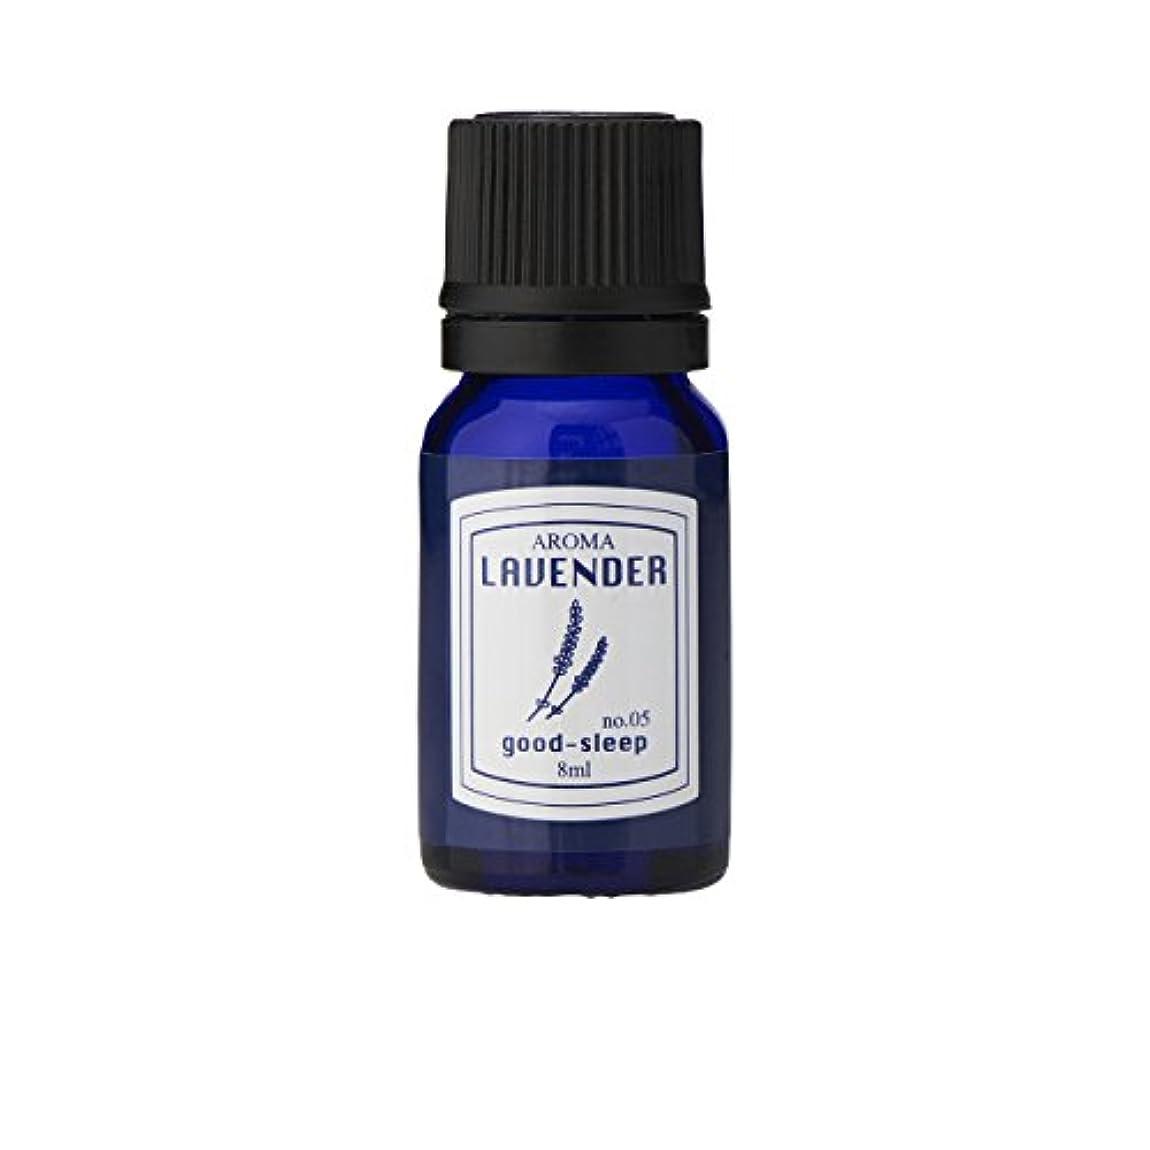 吐き出す指標アカウントブルーラベル アロマエッセンス8ml ラベンダー(アロマオイル 調合香料 芳香用 心落ち着ける清々しい香り)